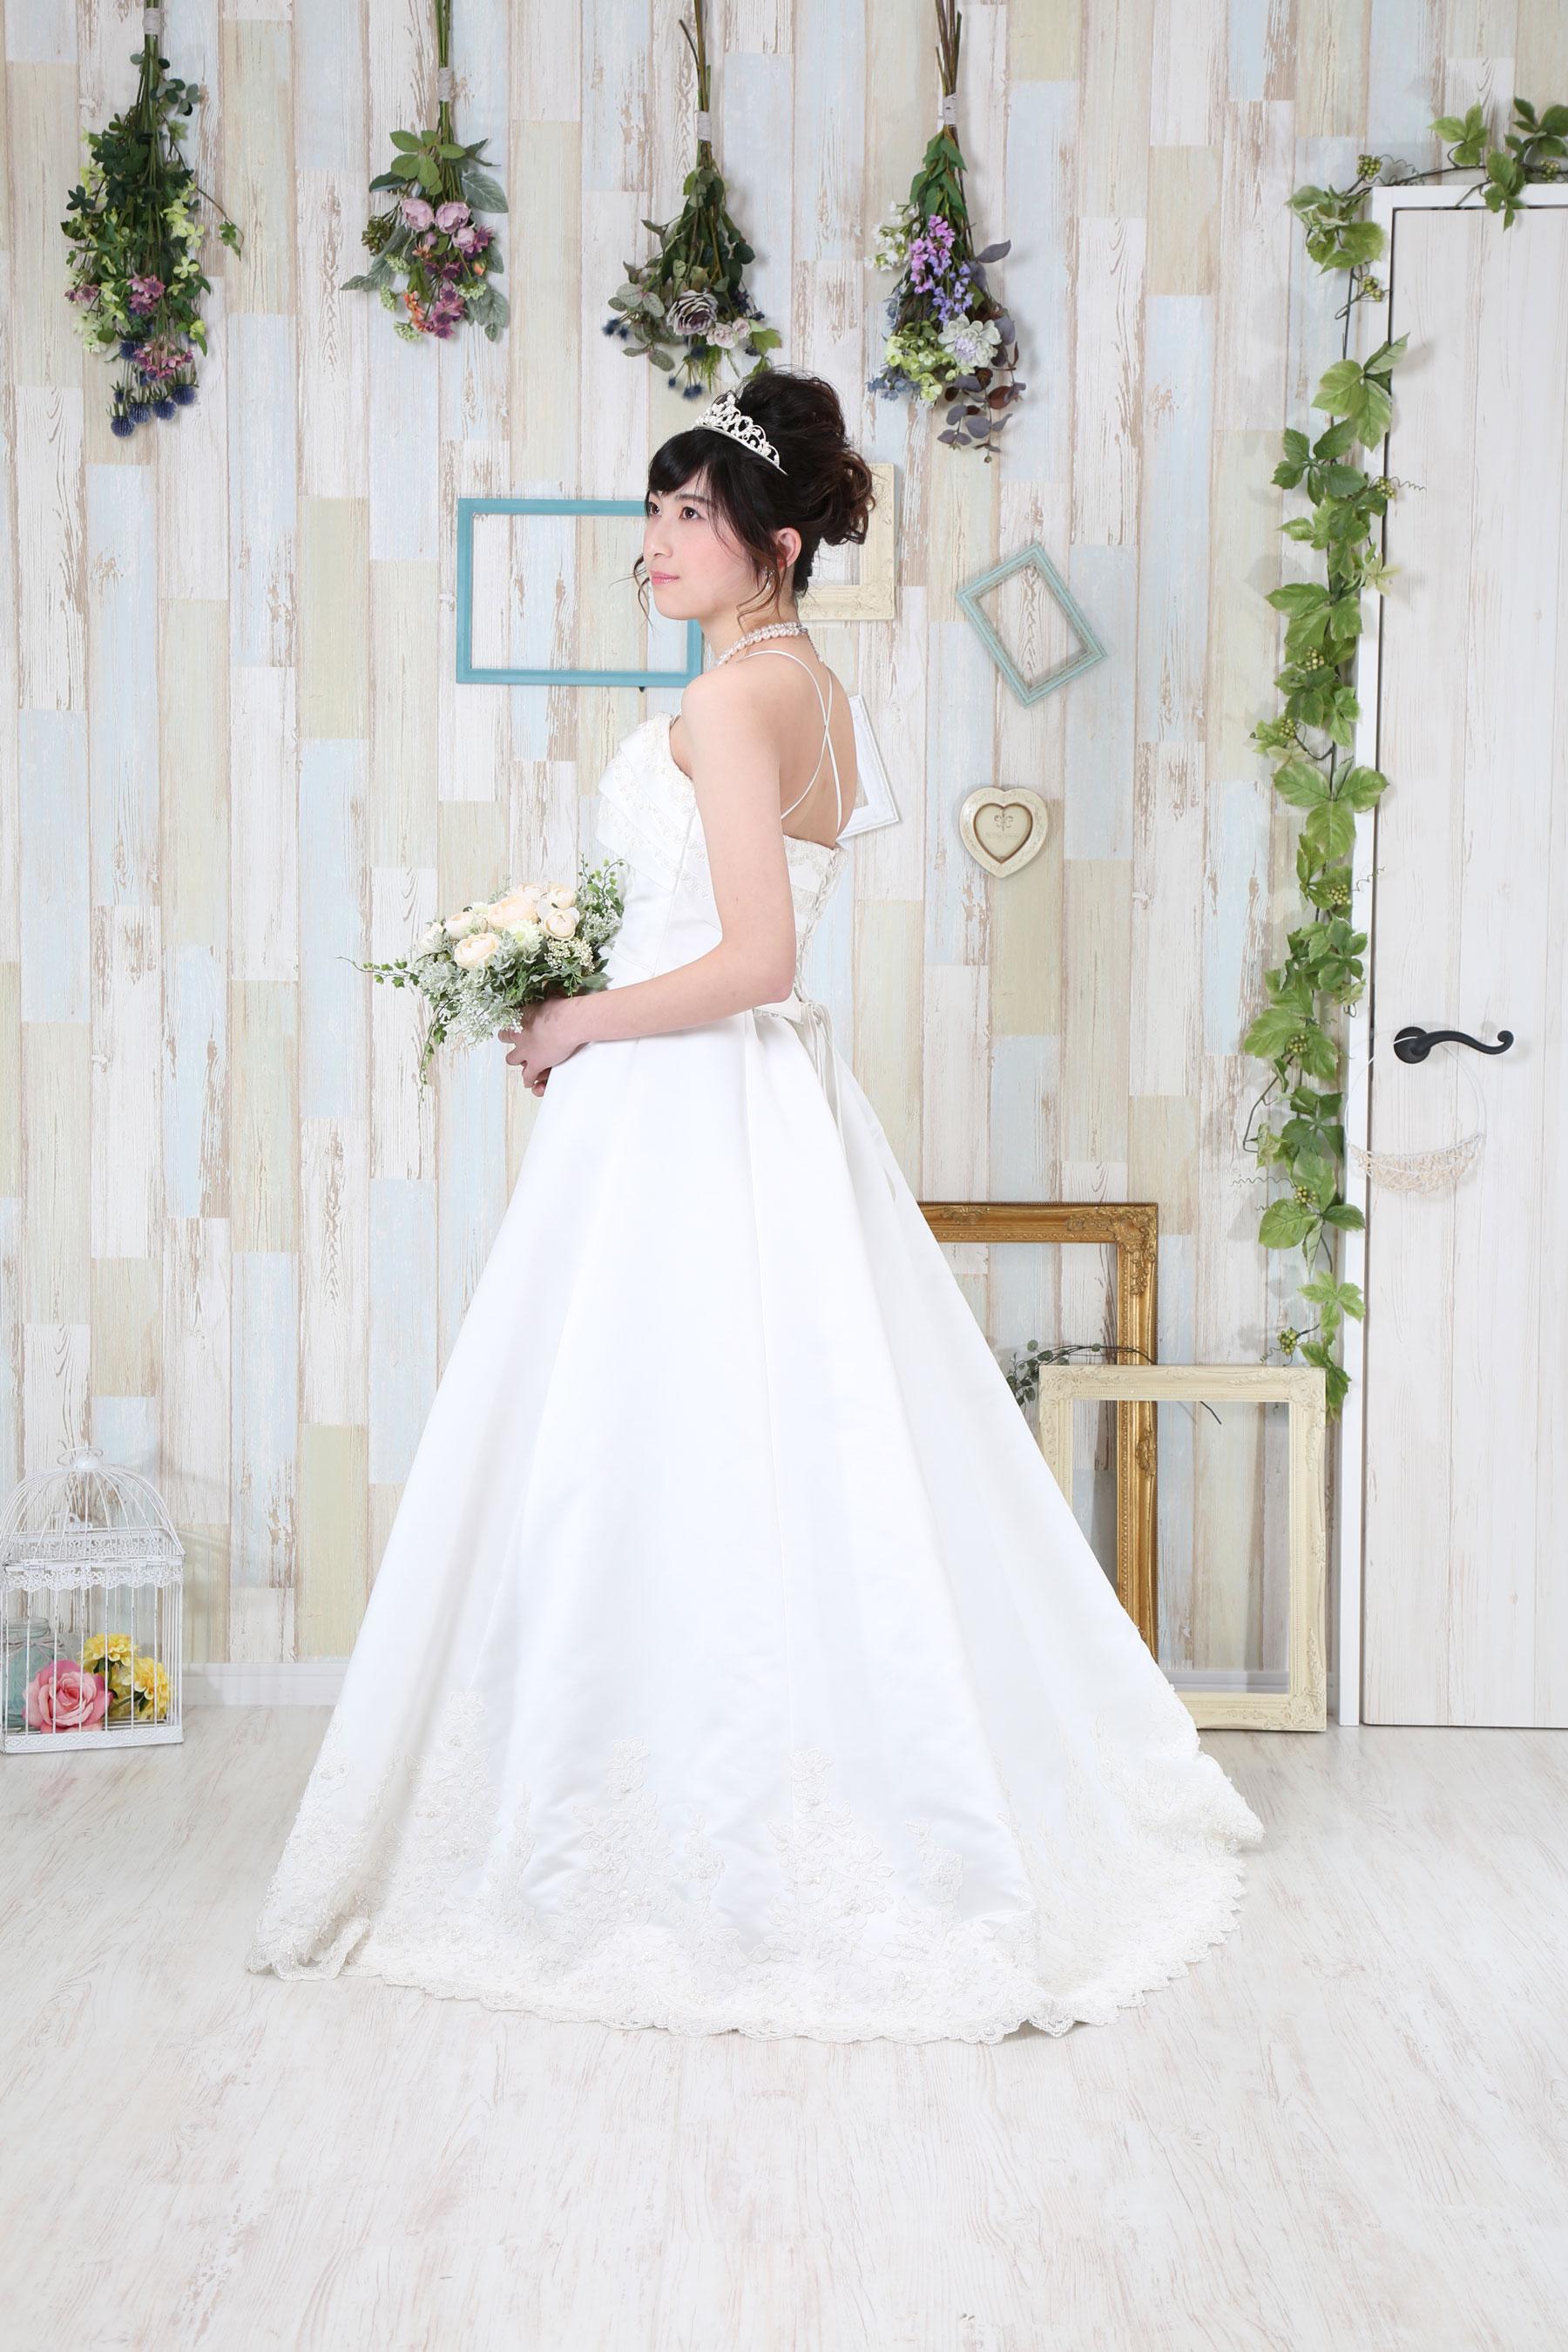 ★20180211-ドレス衣装撮影_124